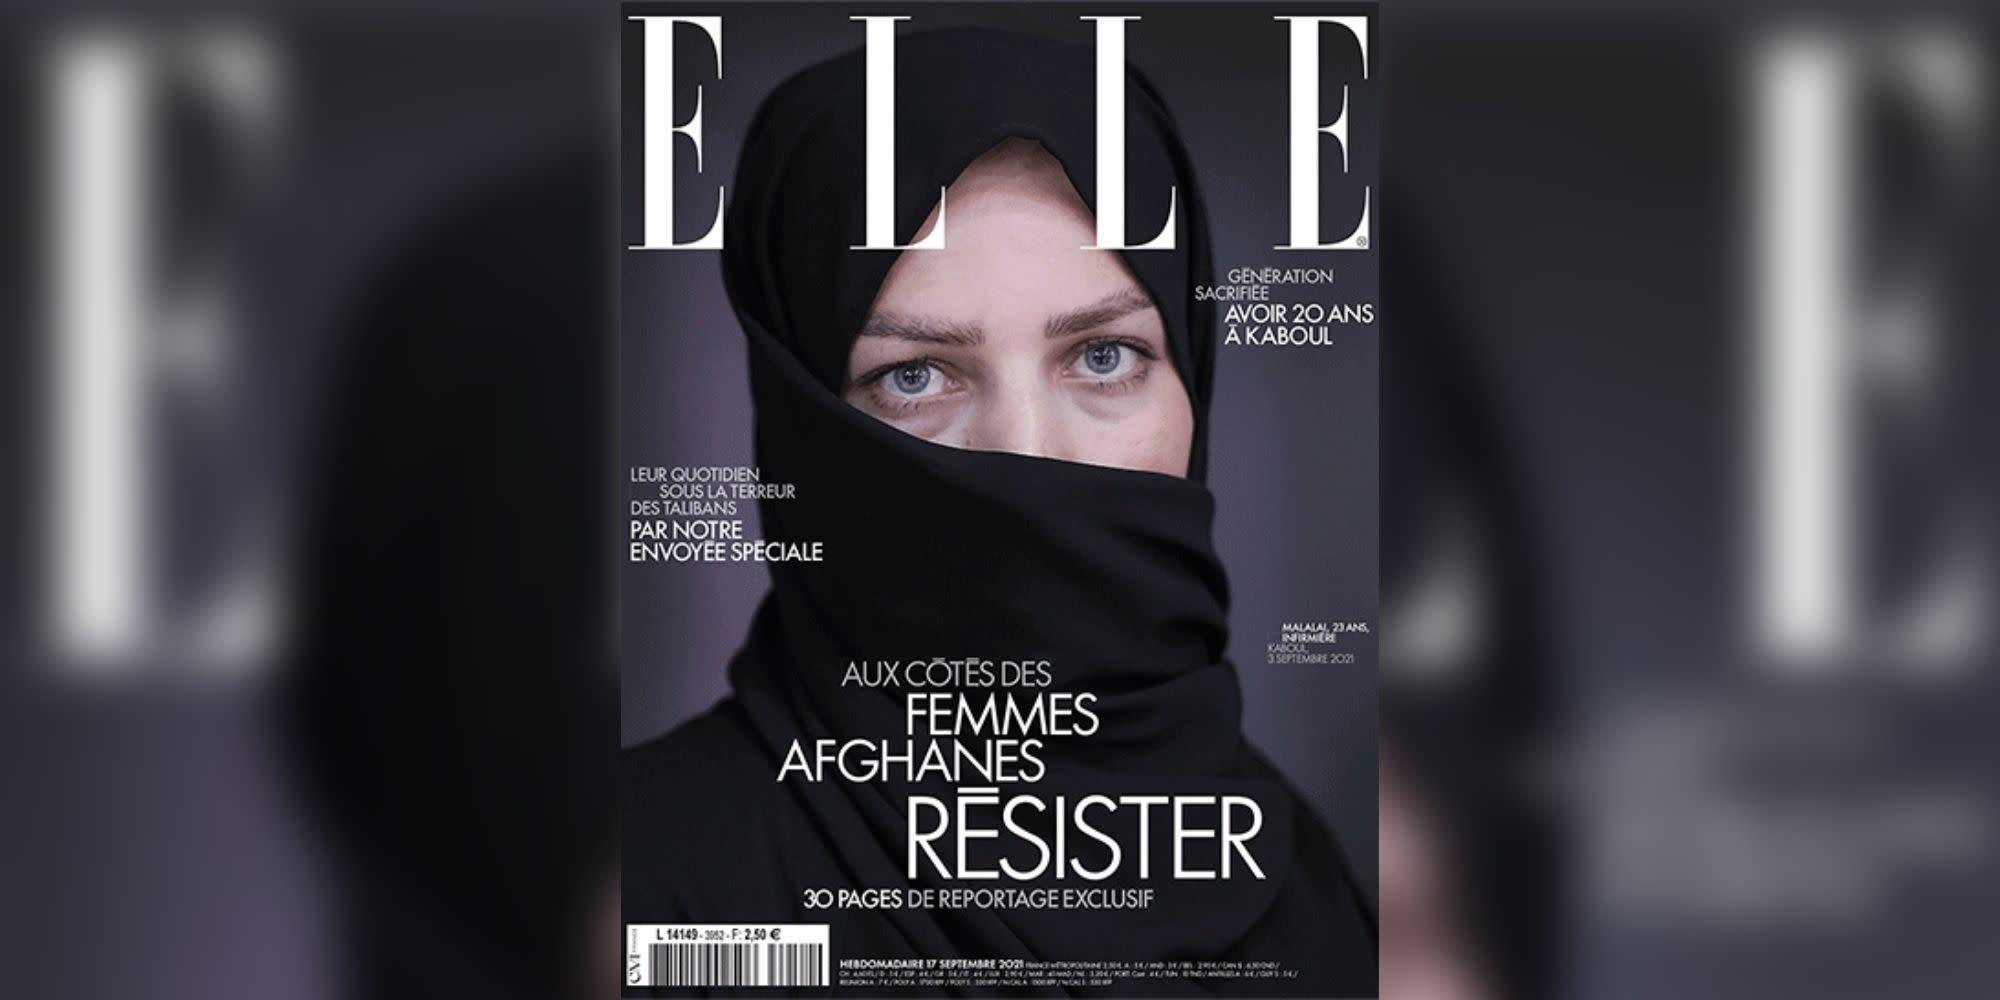 """""""Elle"""" : un numéro sur l'Afghanistan en rupture de stock dès son premier jour"""